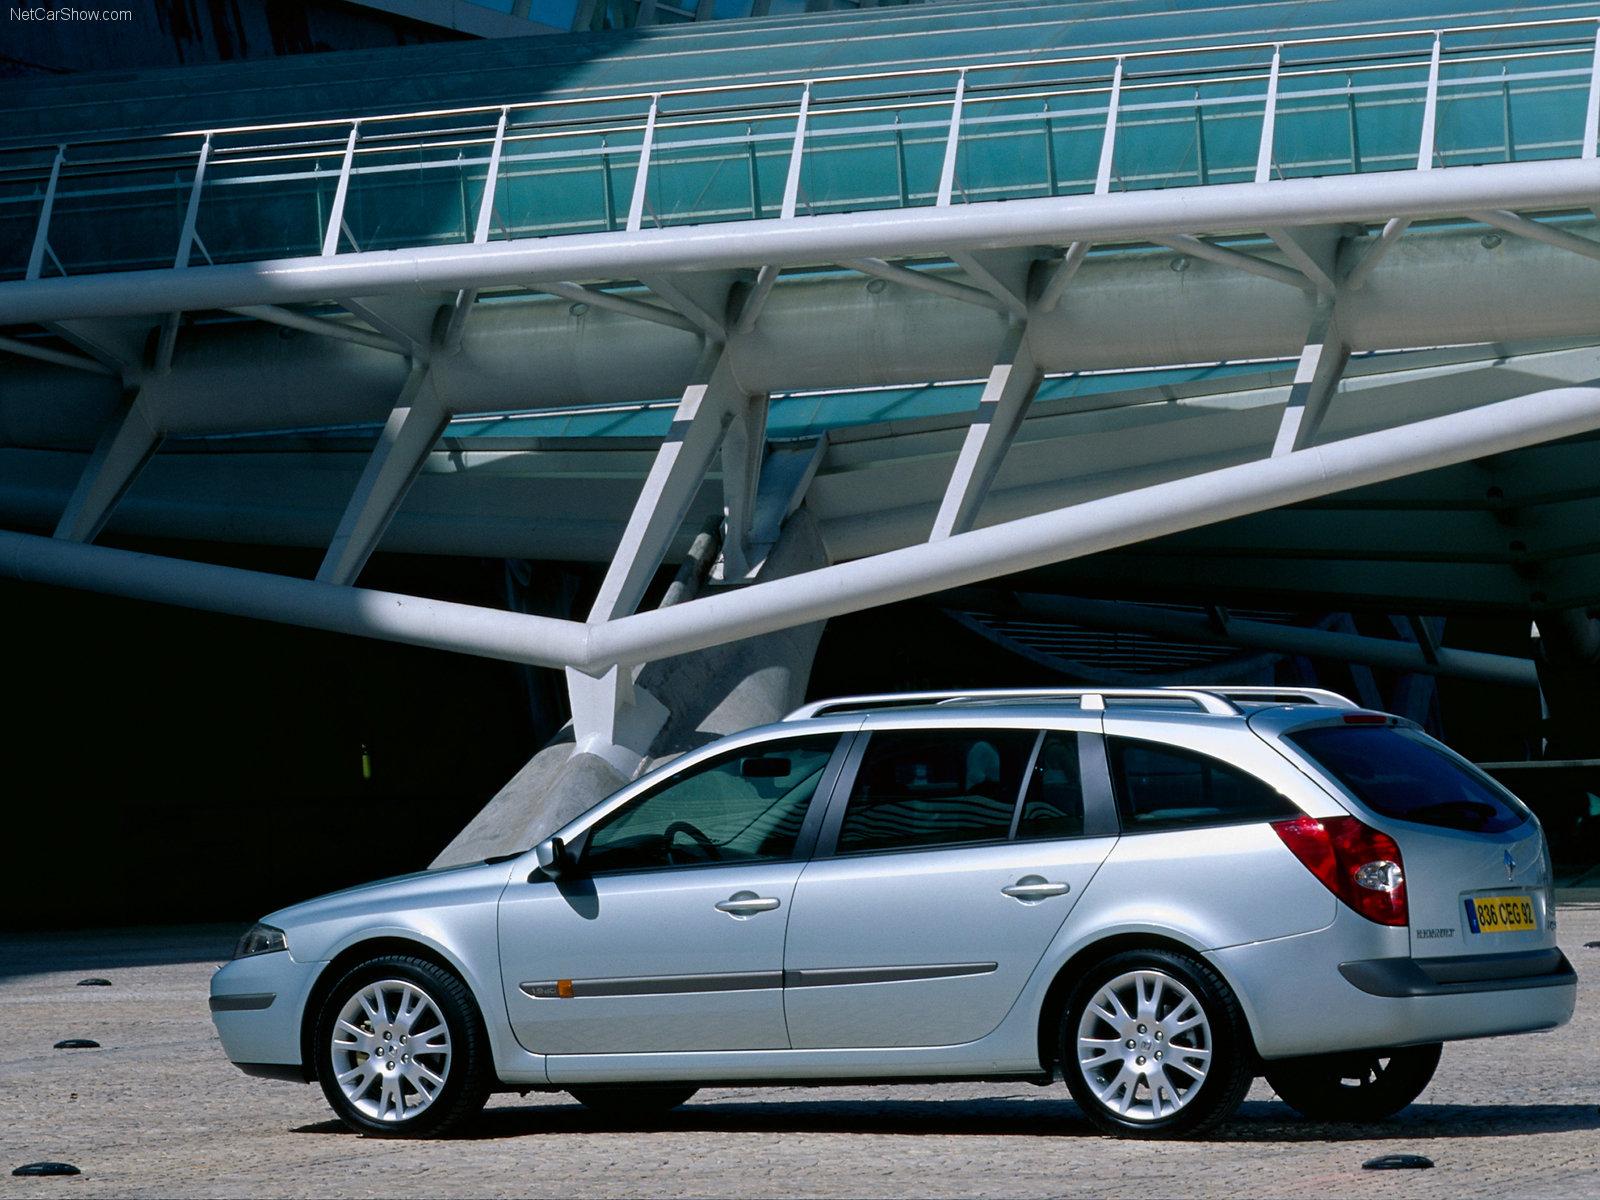 Renault-Laguna_Estate_19_dCI_2000_1600x1200_wallpaper_03...